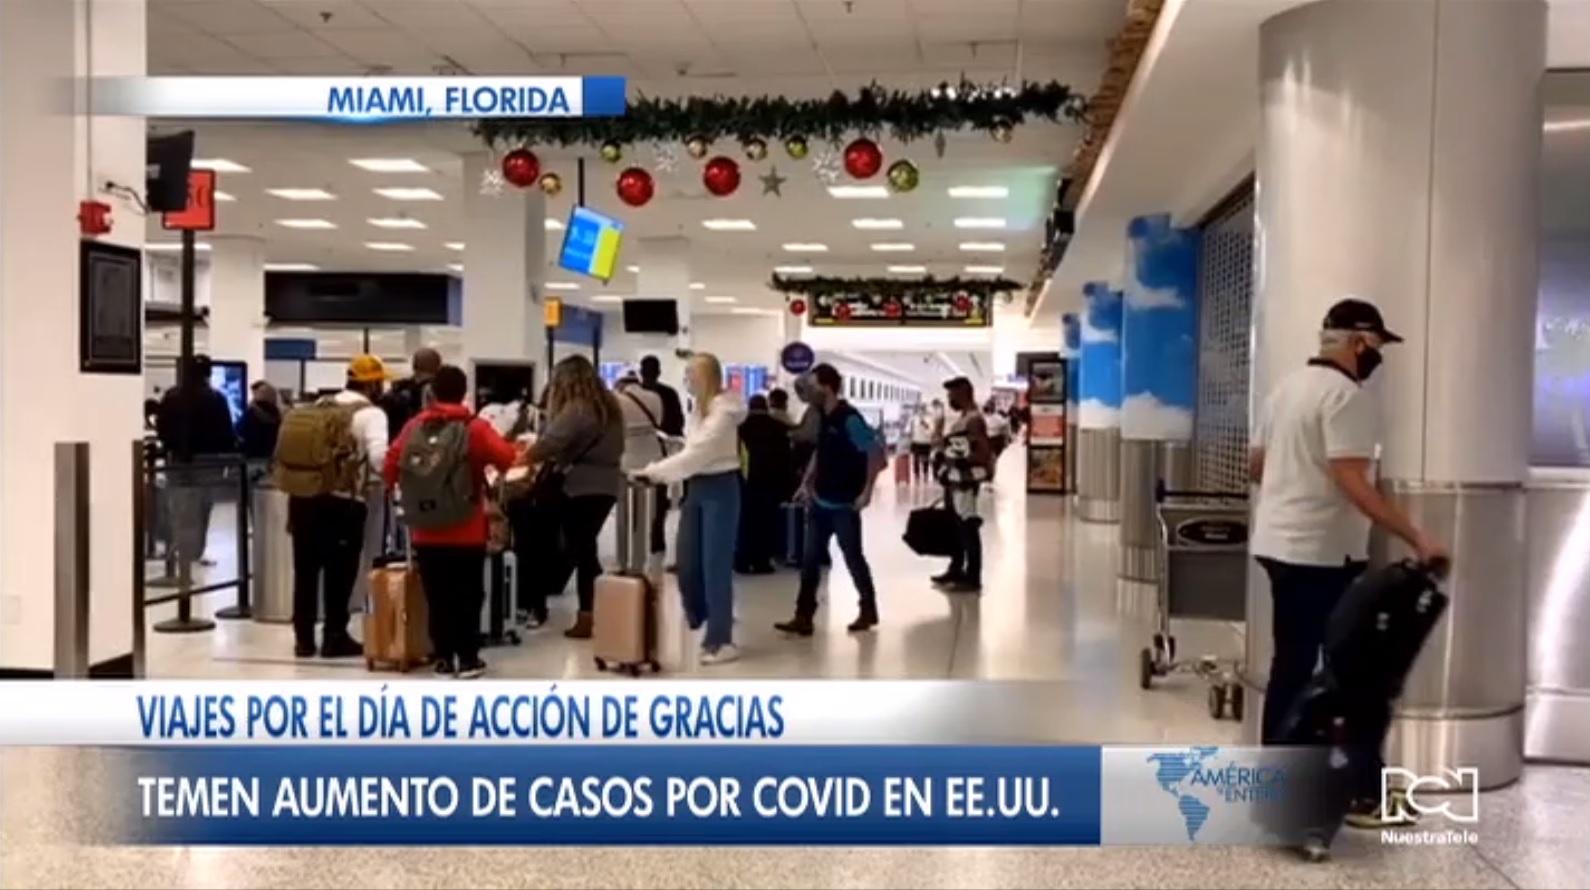 Alerta en Estados Unidos por ola de viajes masivos en el puente feriado de Acción de Gracias